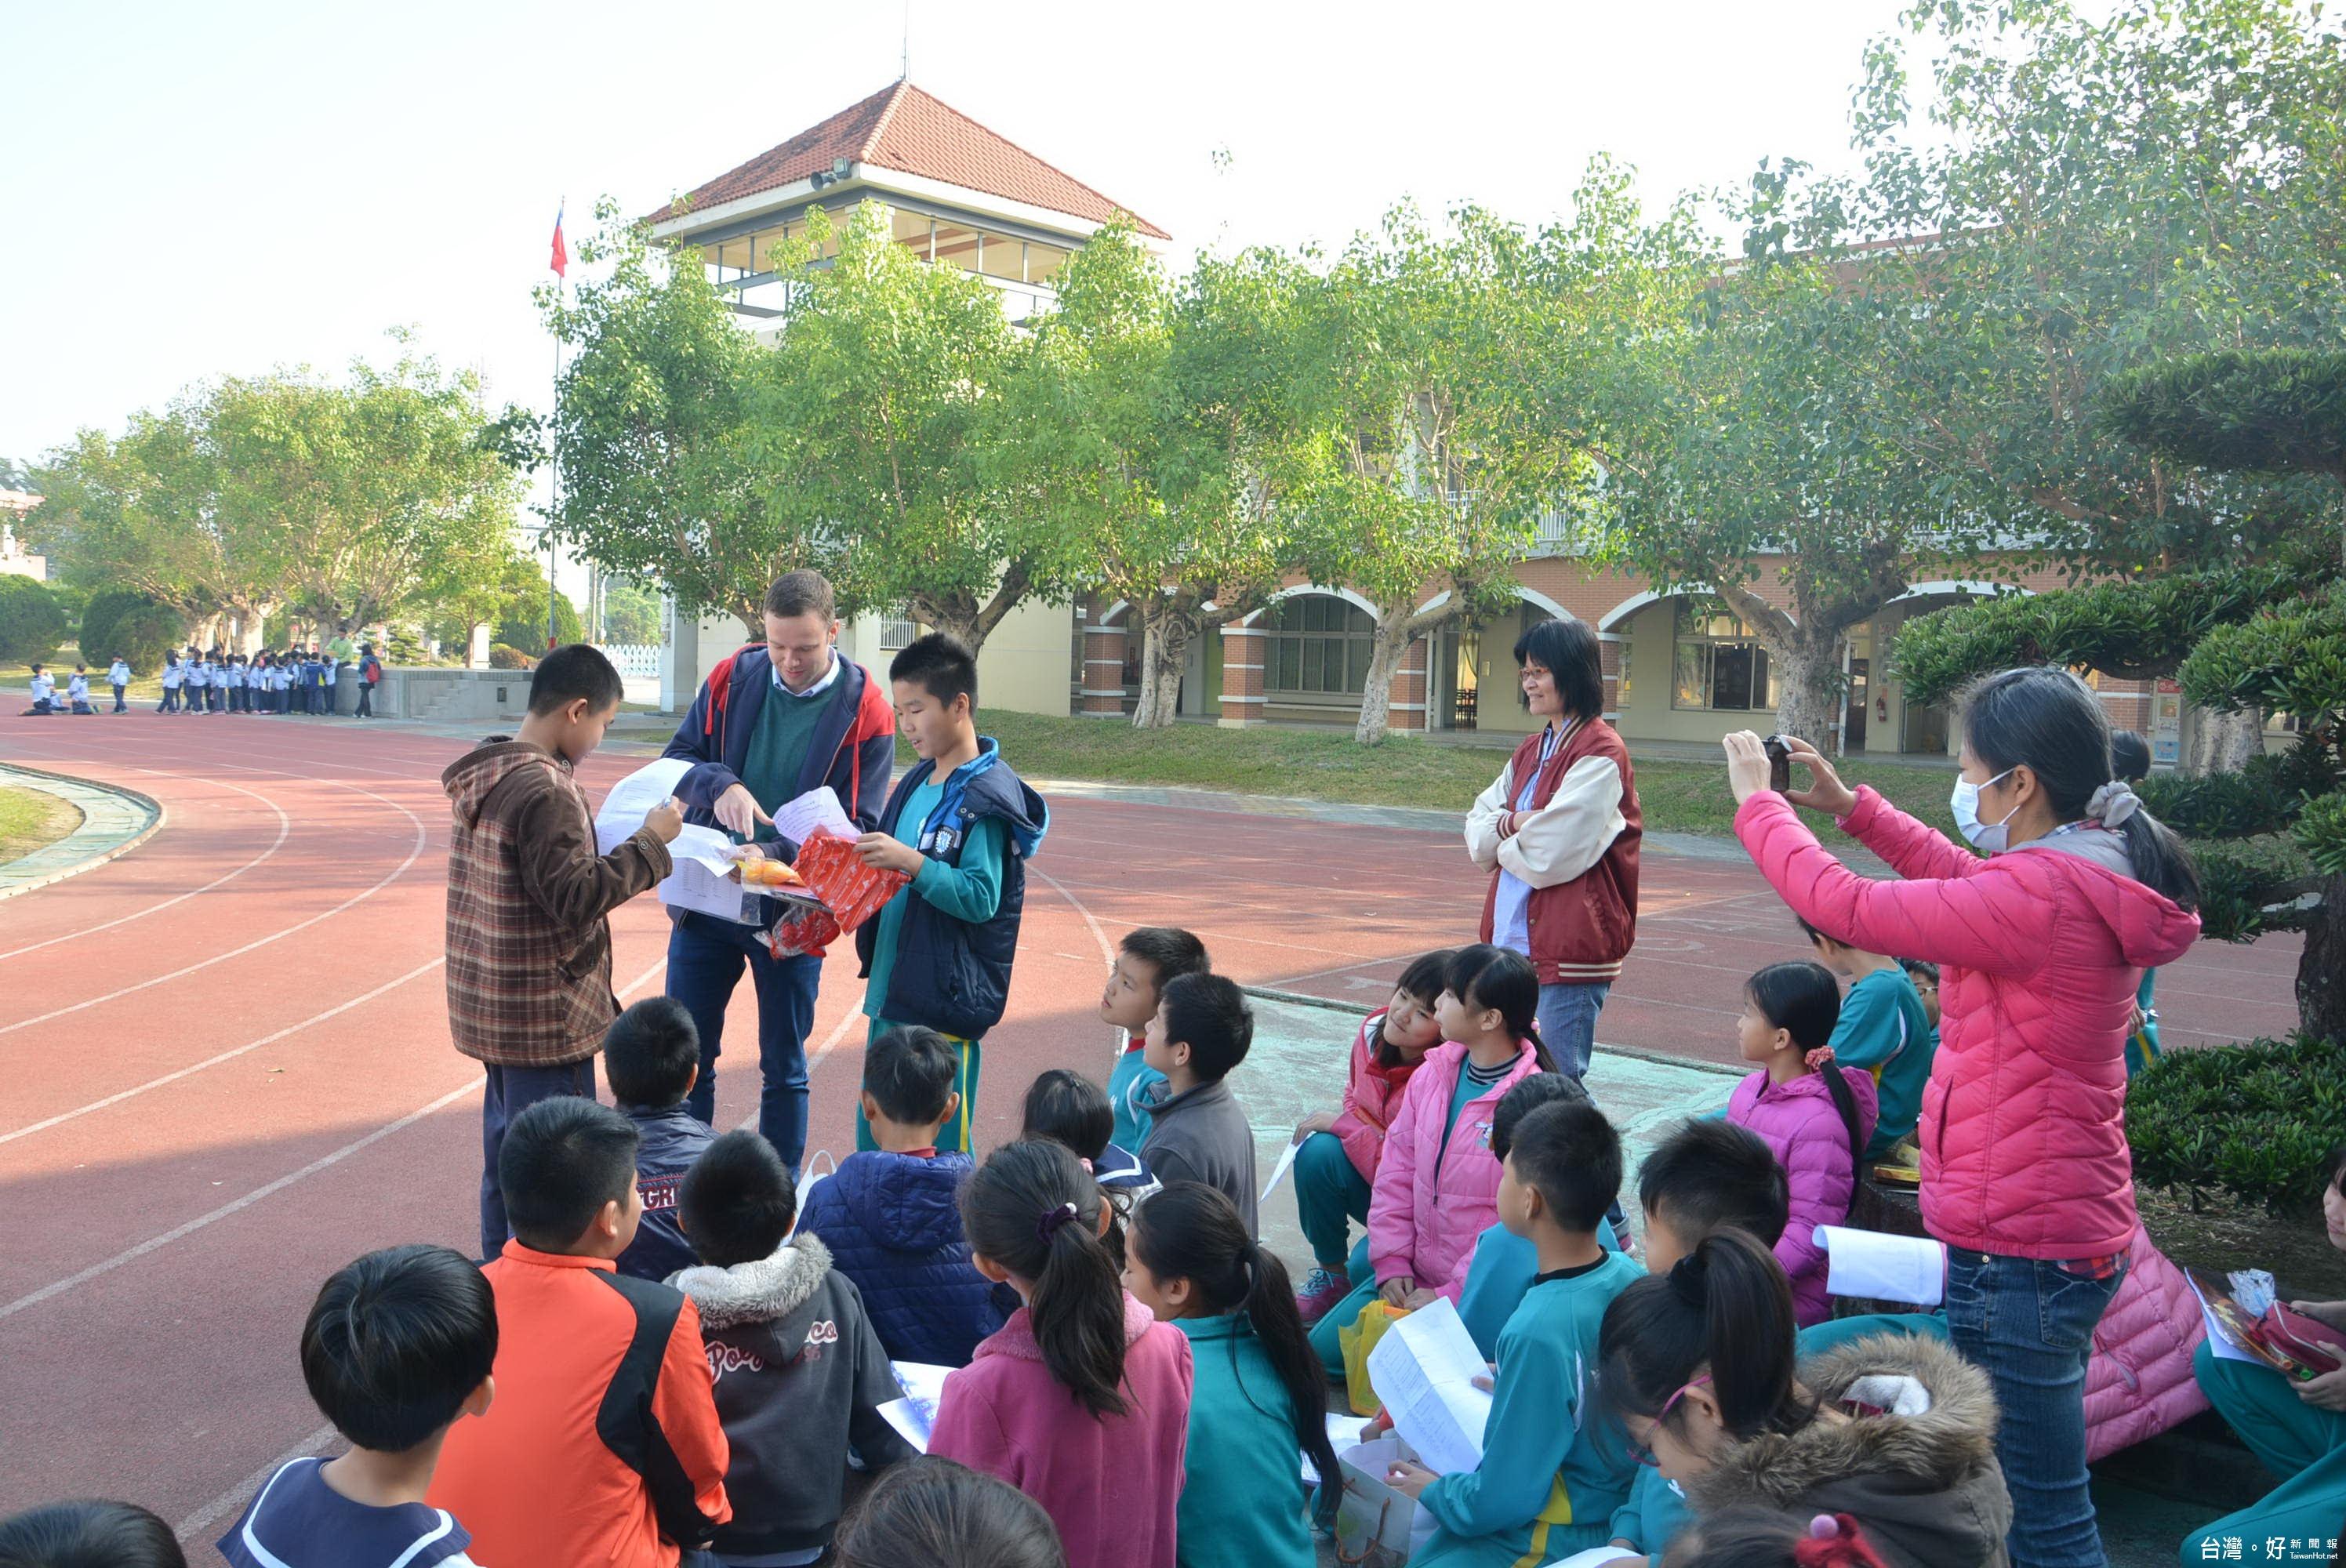 外籍博士生與學童同歡 慶祝聖誕節